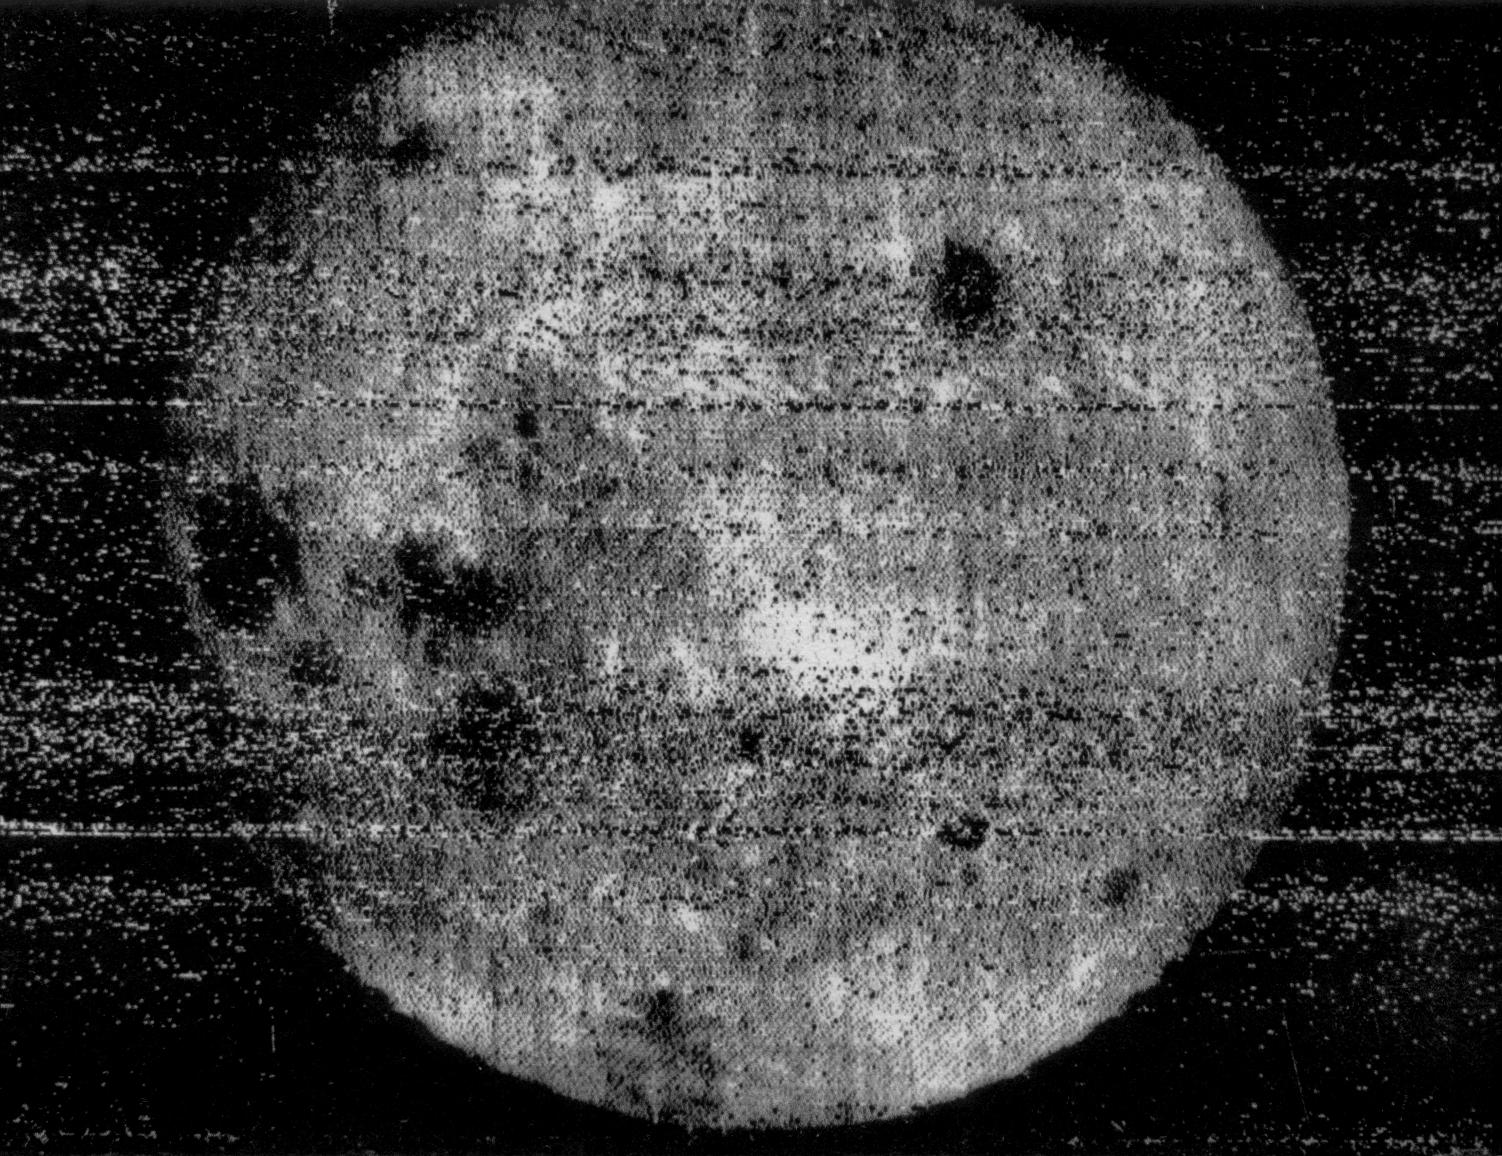 Luna_3_moon.jpg